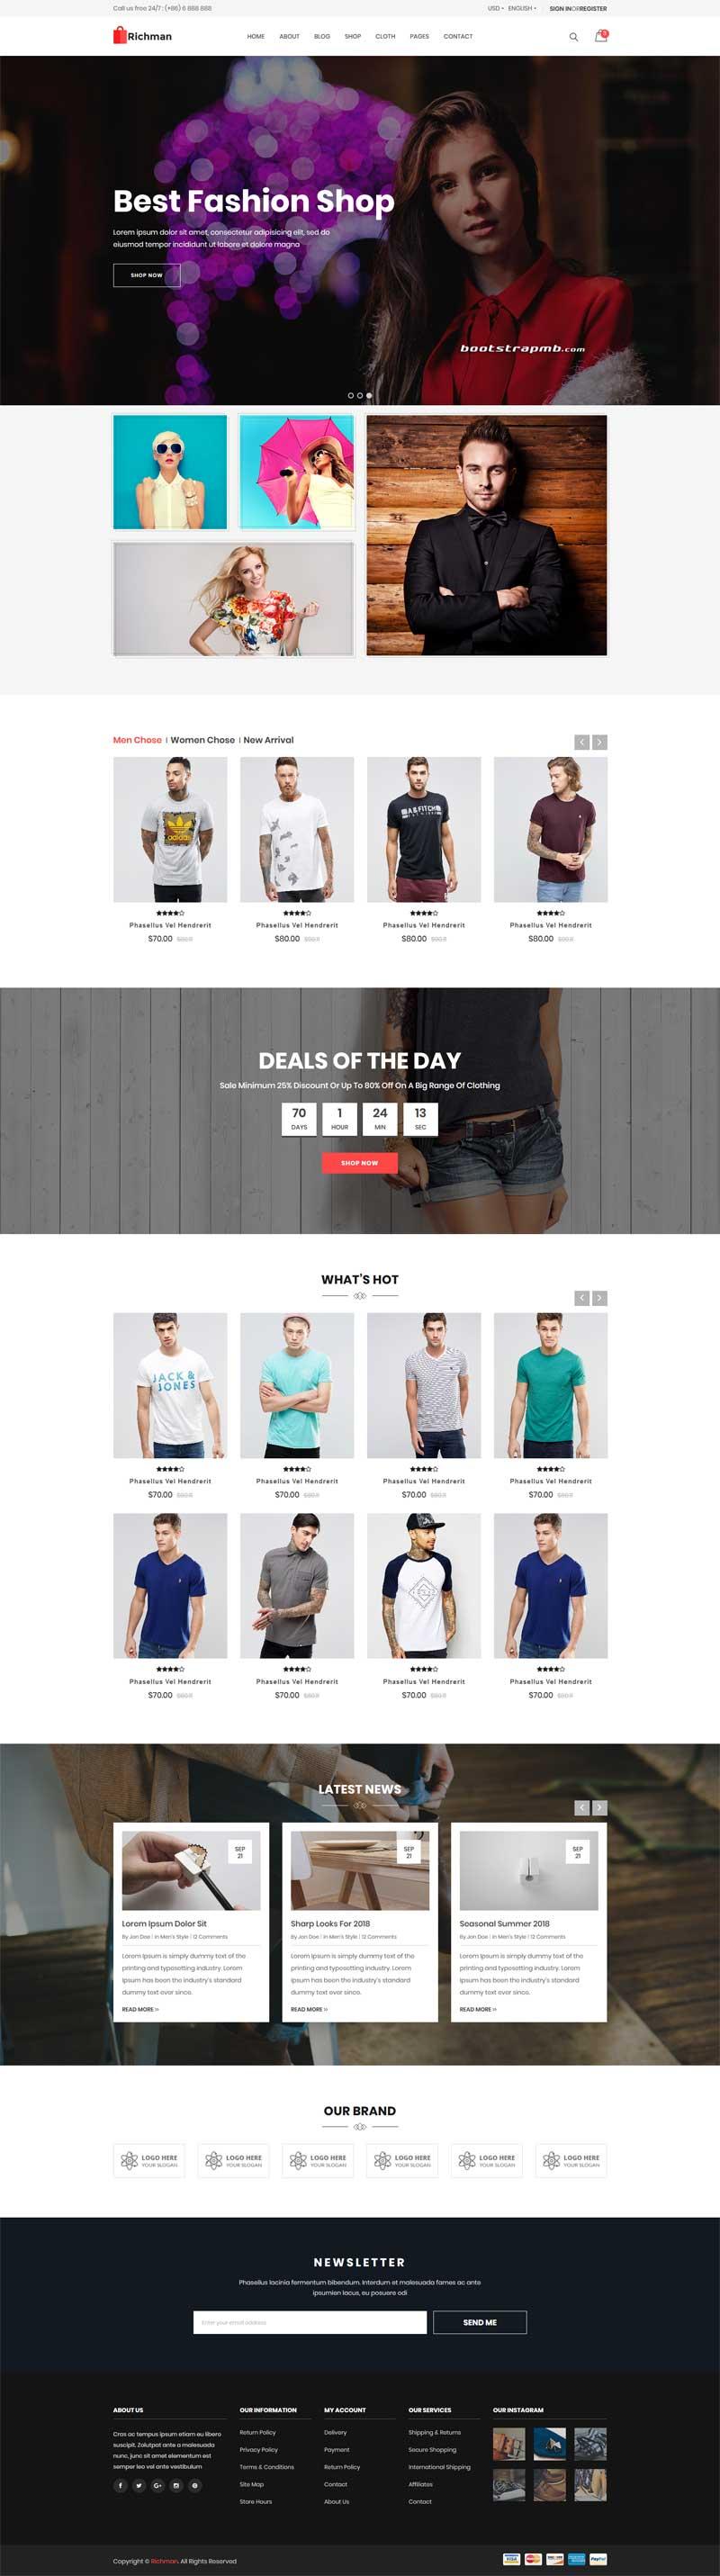 大气时尚的服装电商网站模板